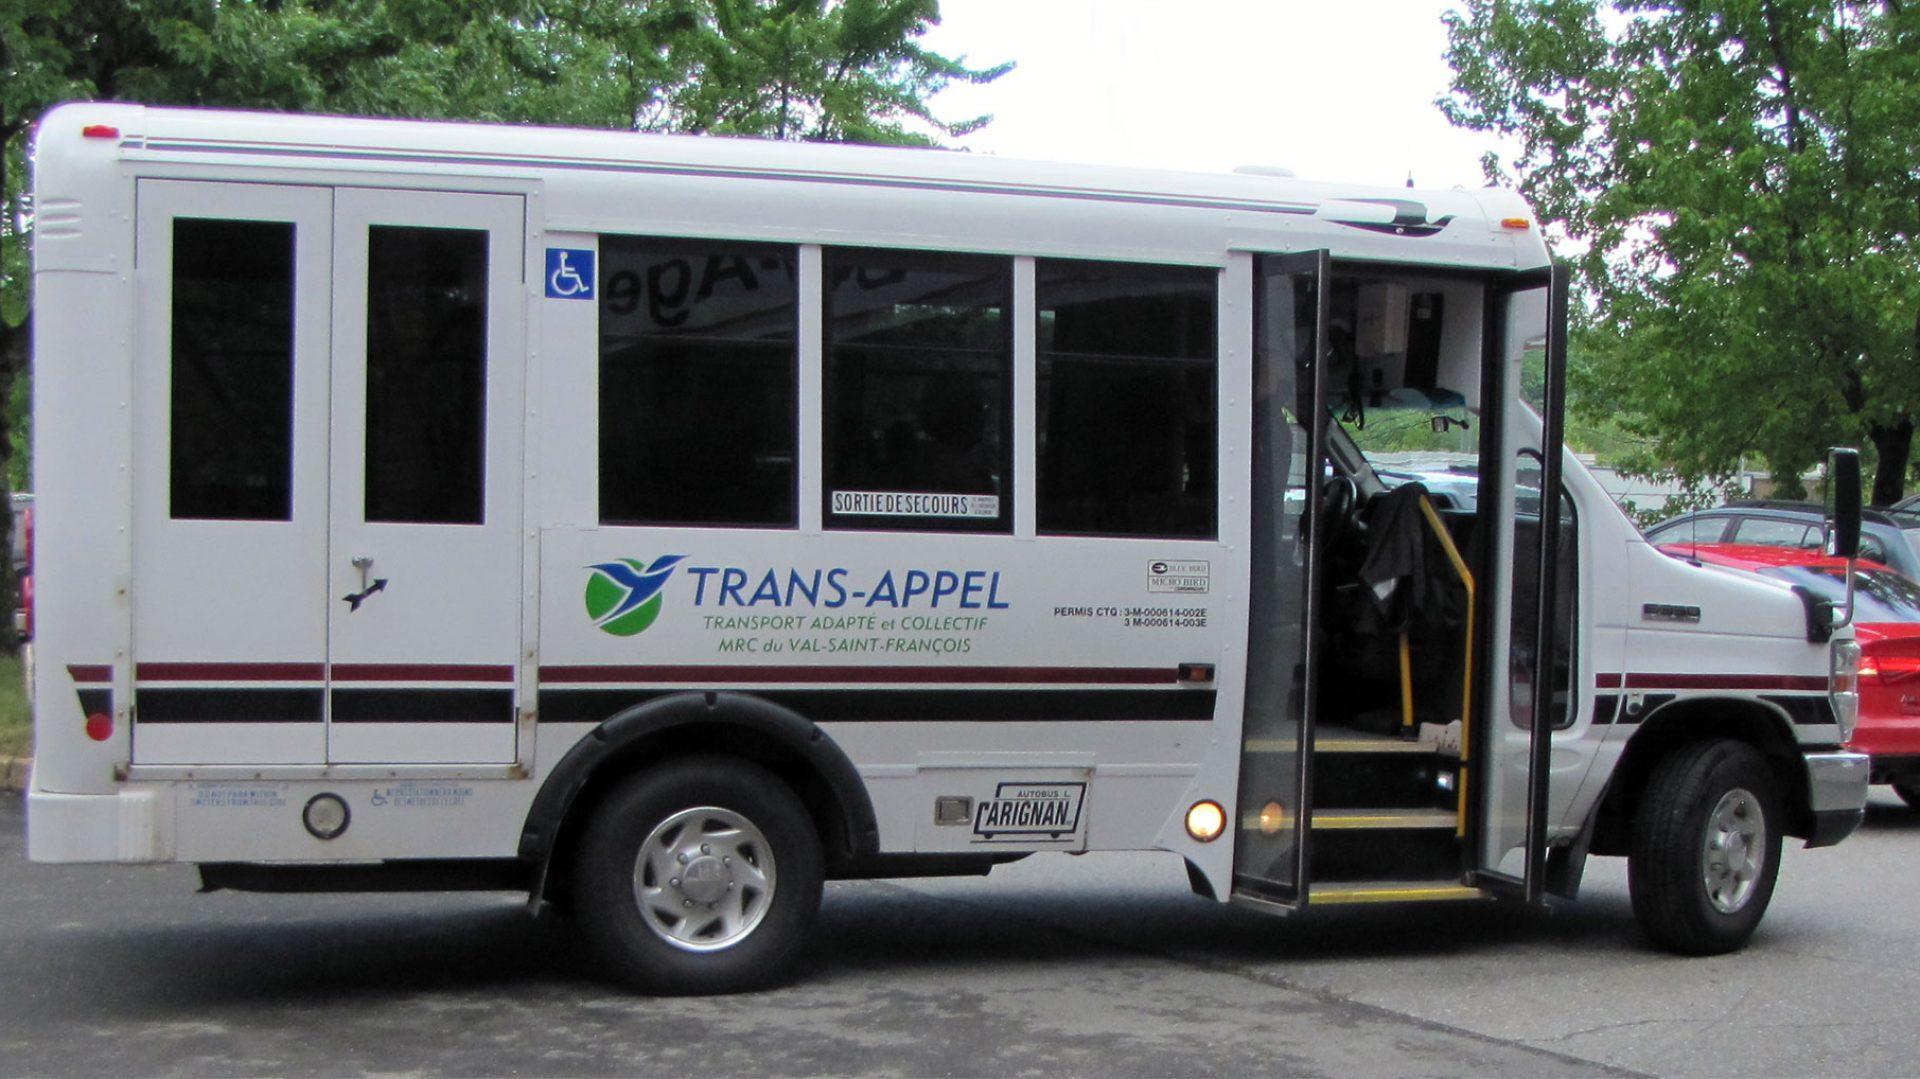 Trans-Appel